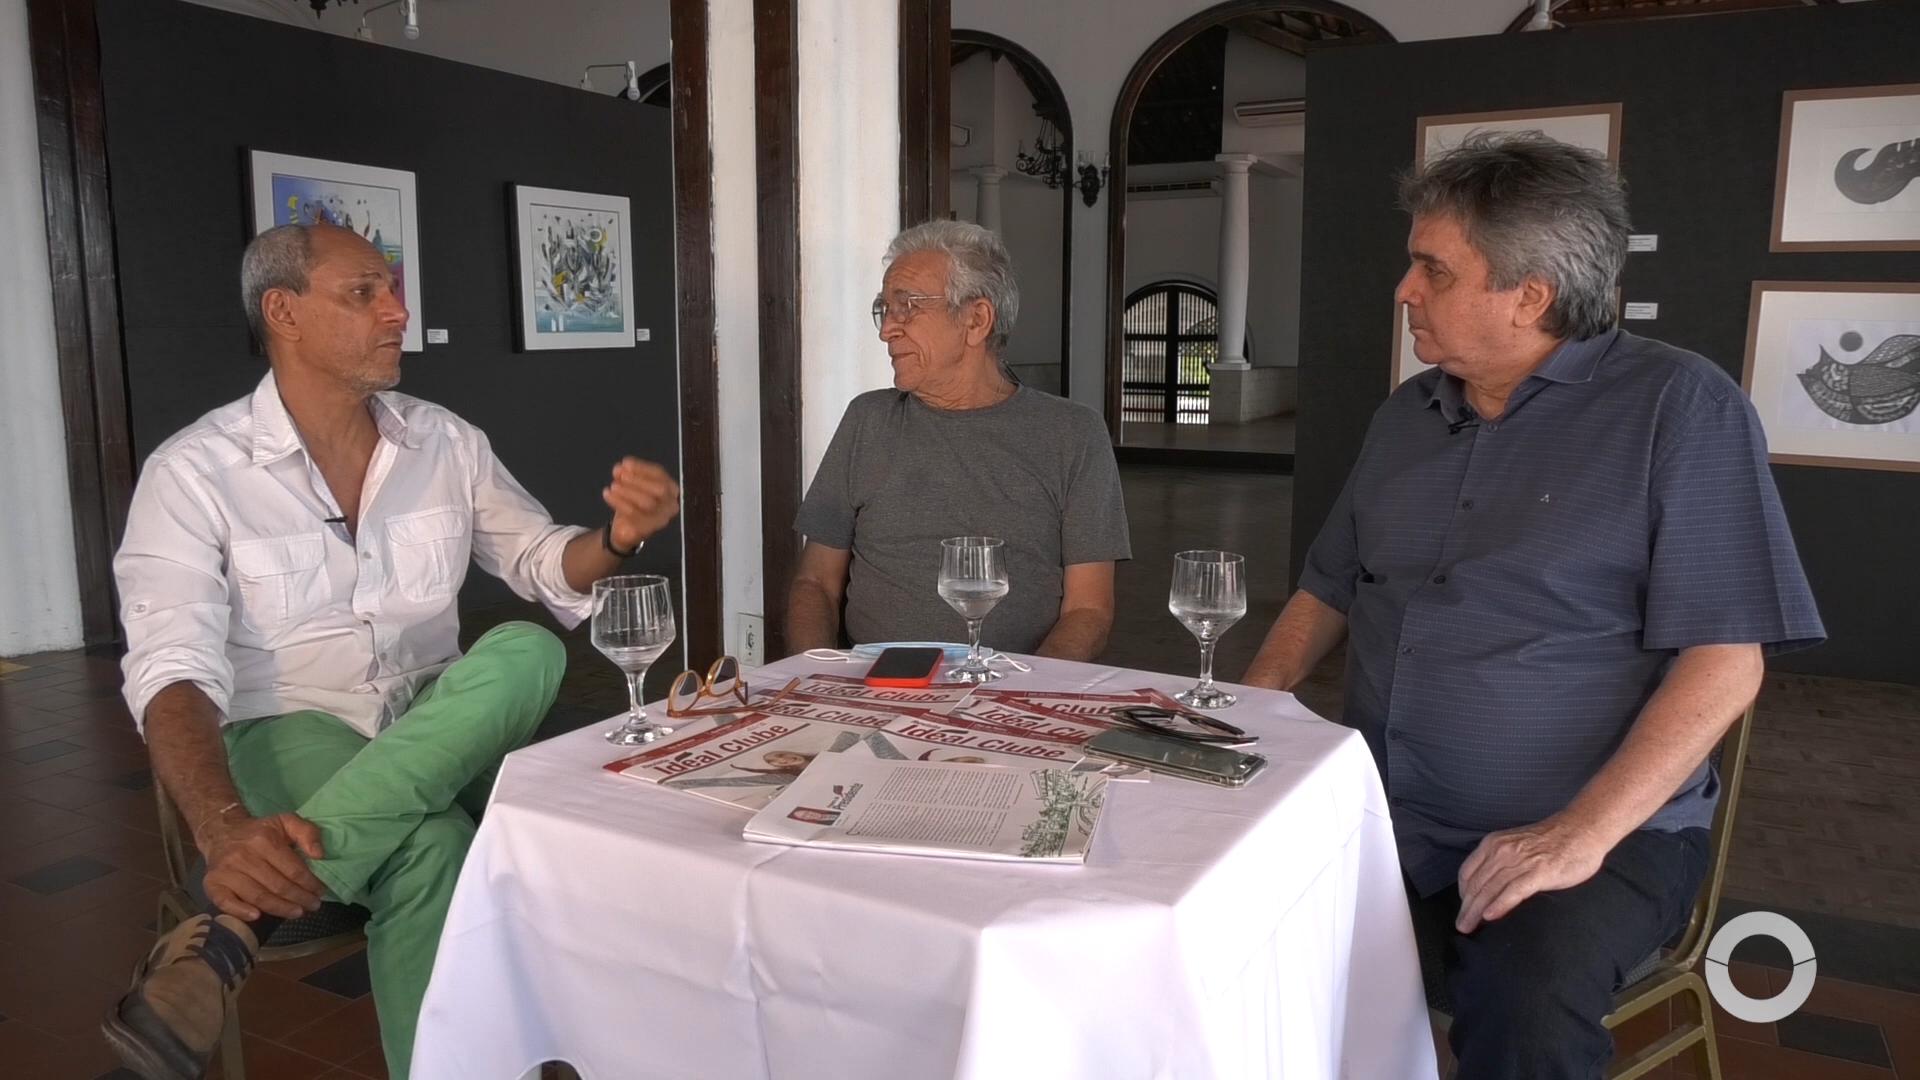 Mosaico entrevista Artista plástico Mano Alencar e o Cartunista Mino Castelo